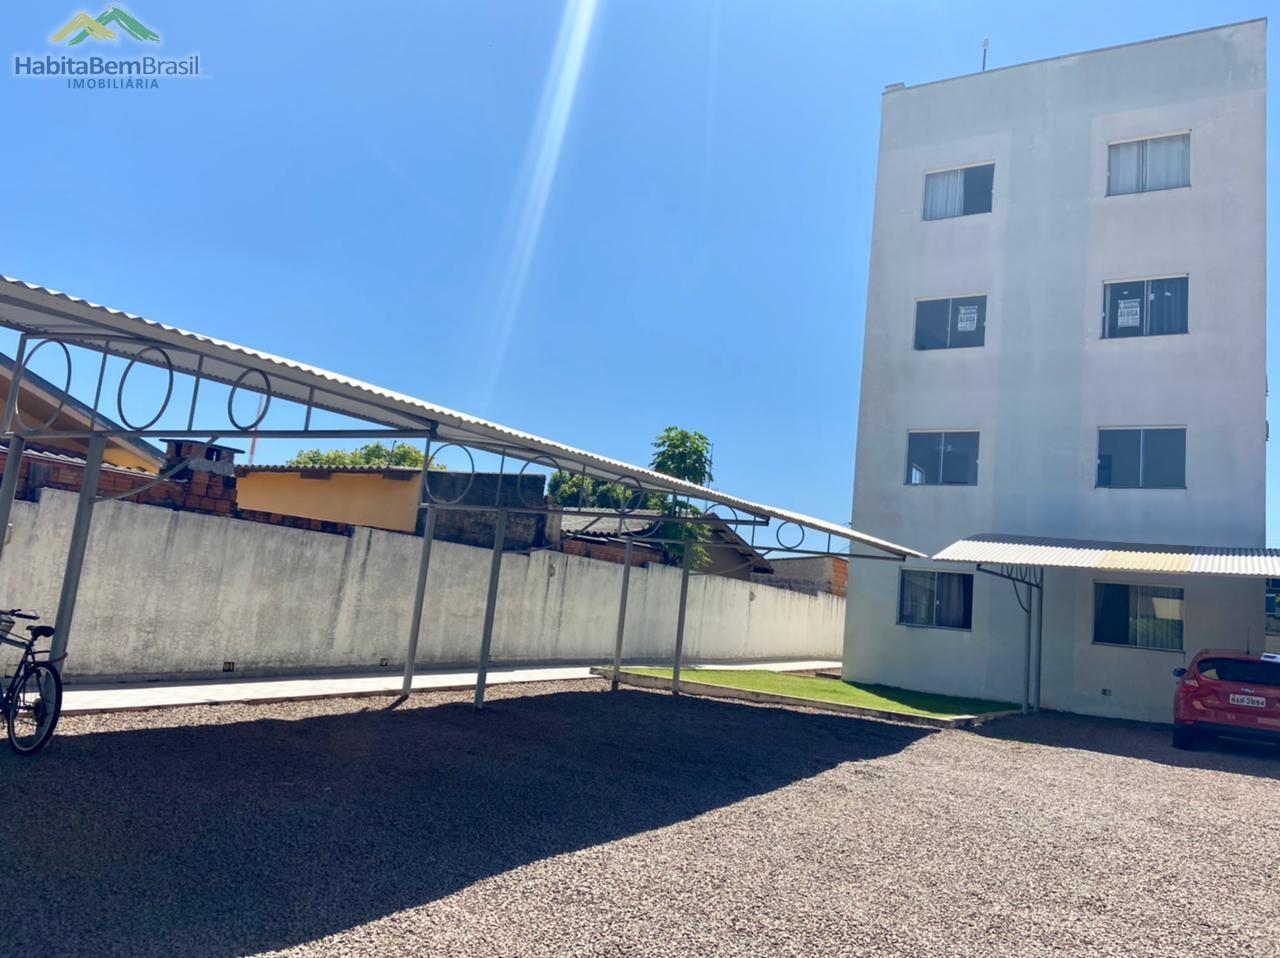 Apartamento com 2 dormitórios à venda,65.00m², JARDIM GISELA, TOLEDO - PR